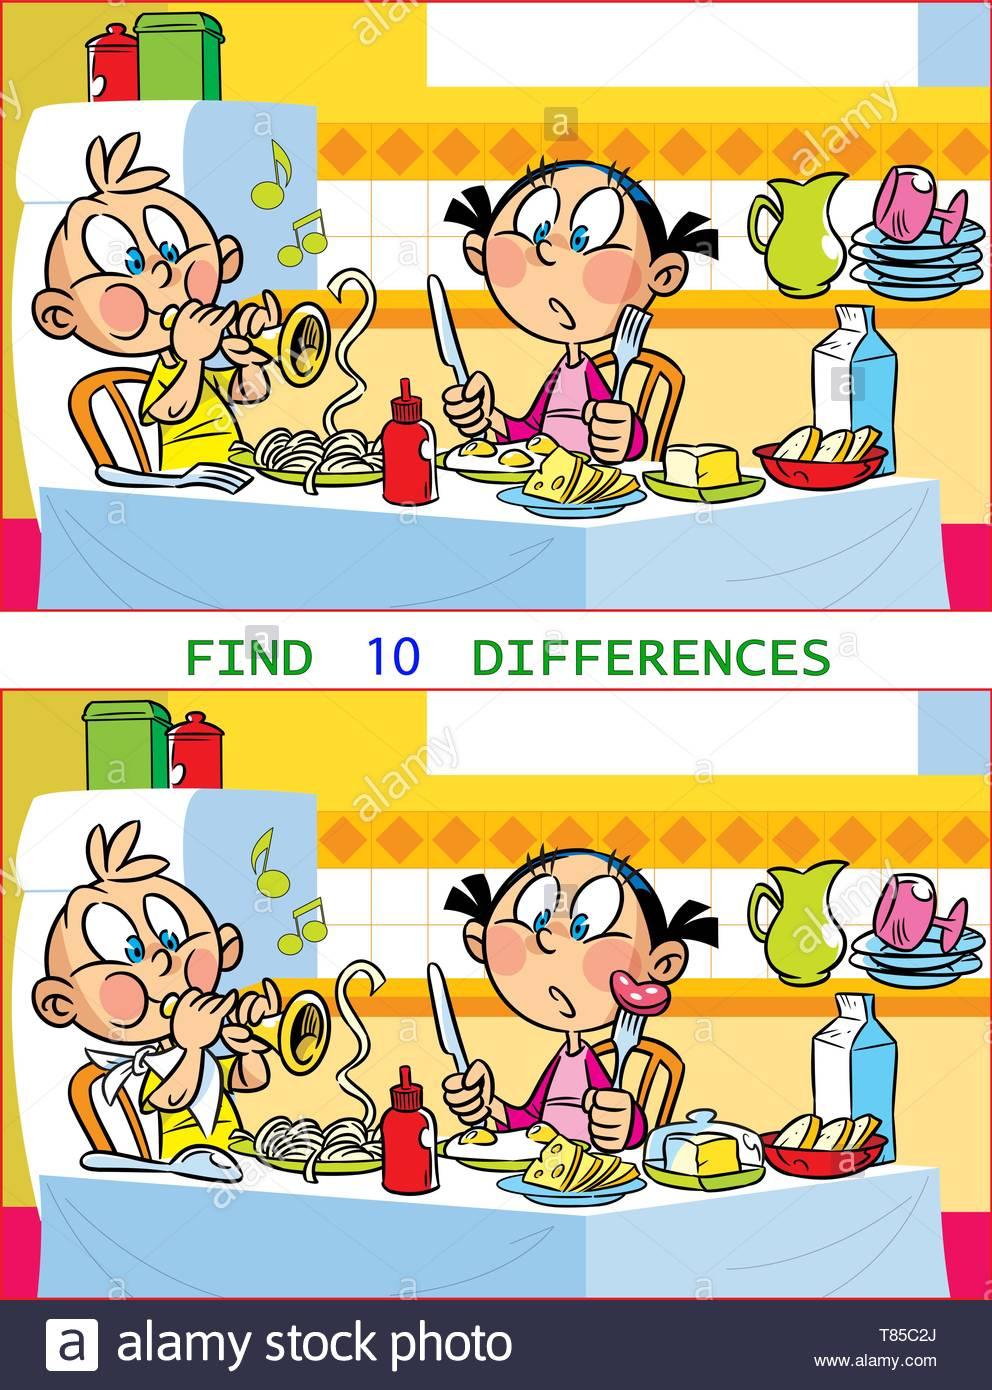 Dans Le Vector Illustration Puzzle Avec Les Enfants Qui dedans Trouver La Différence